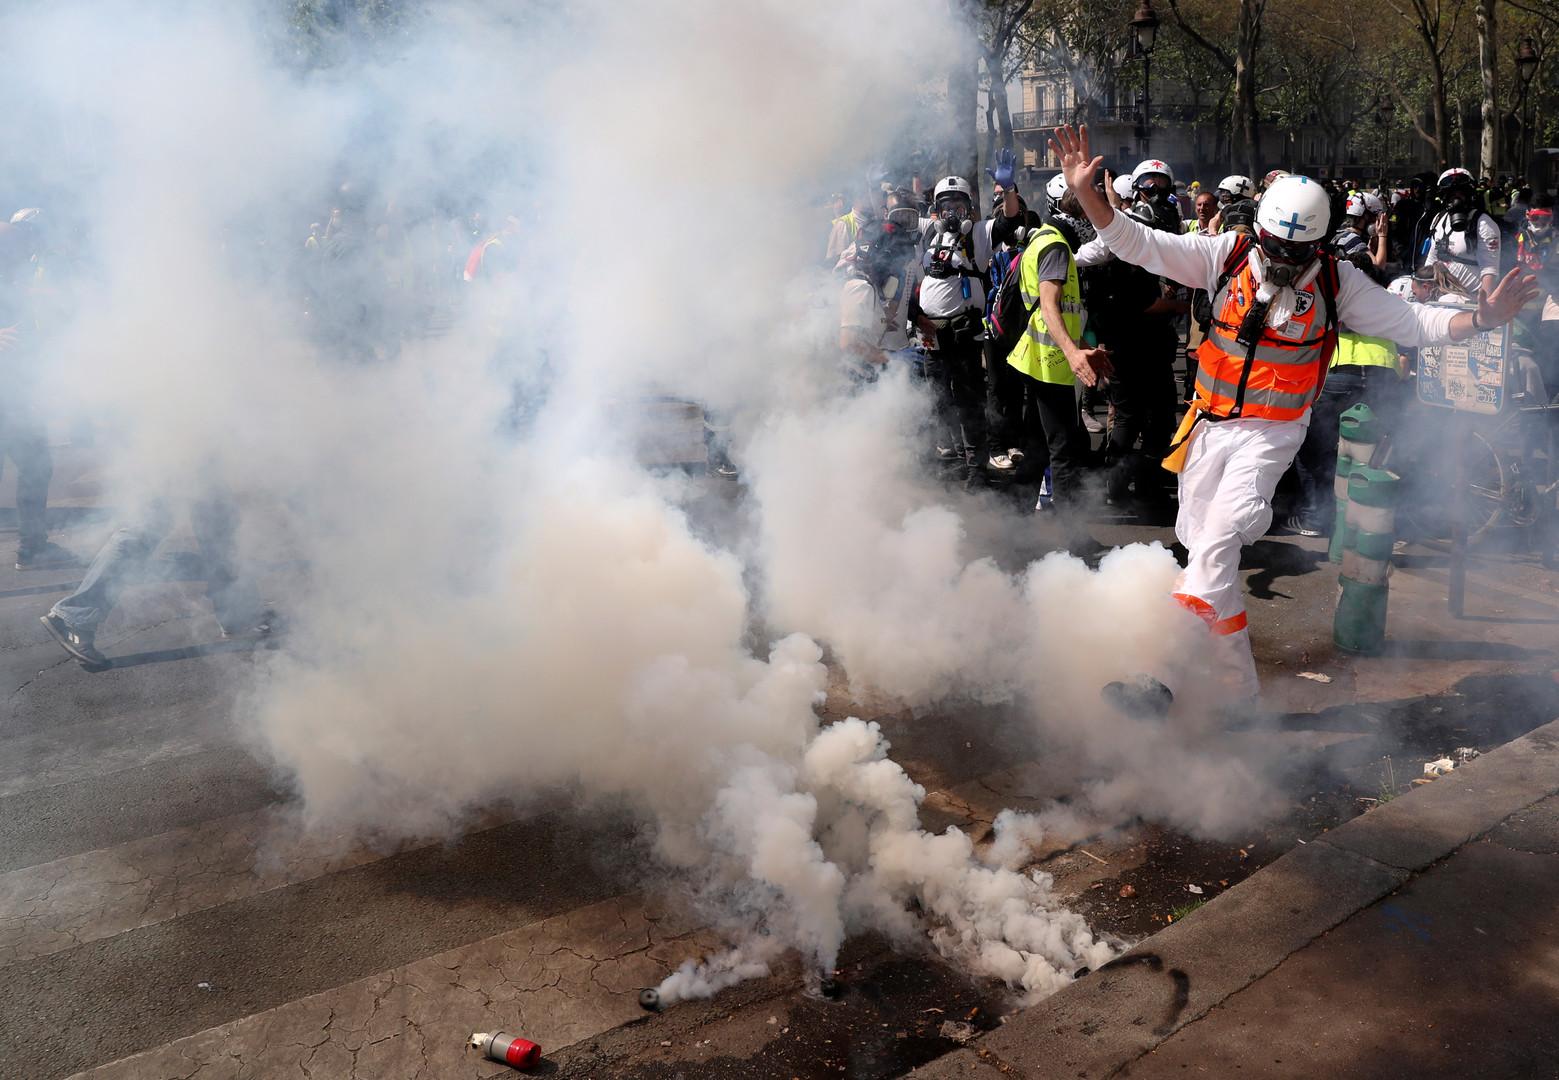 الداخلية الفرنسية: نحو 28 ألف شخص شاركوا في احتجاجات السترات الصفراء أمس السبت